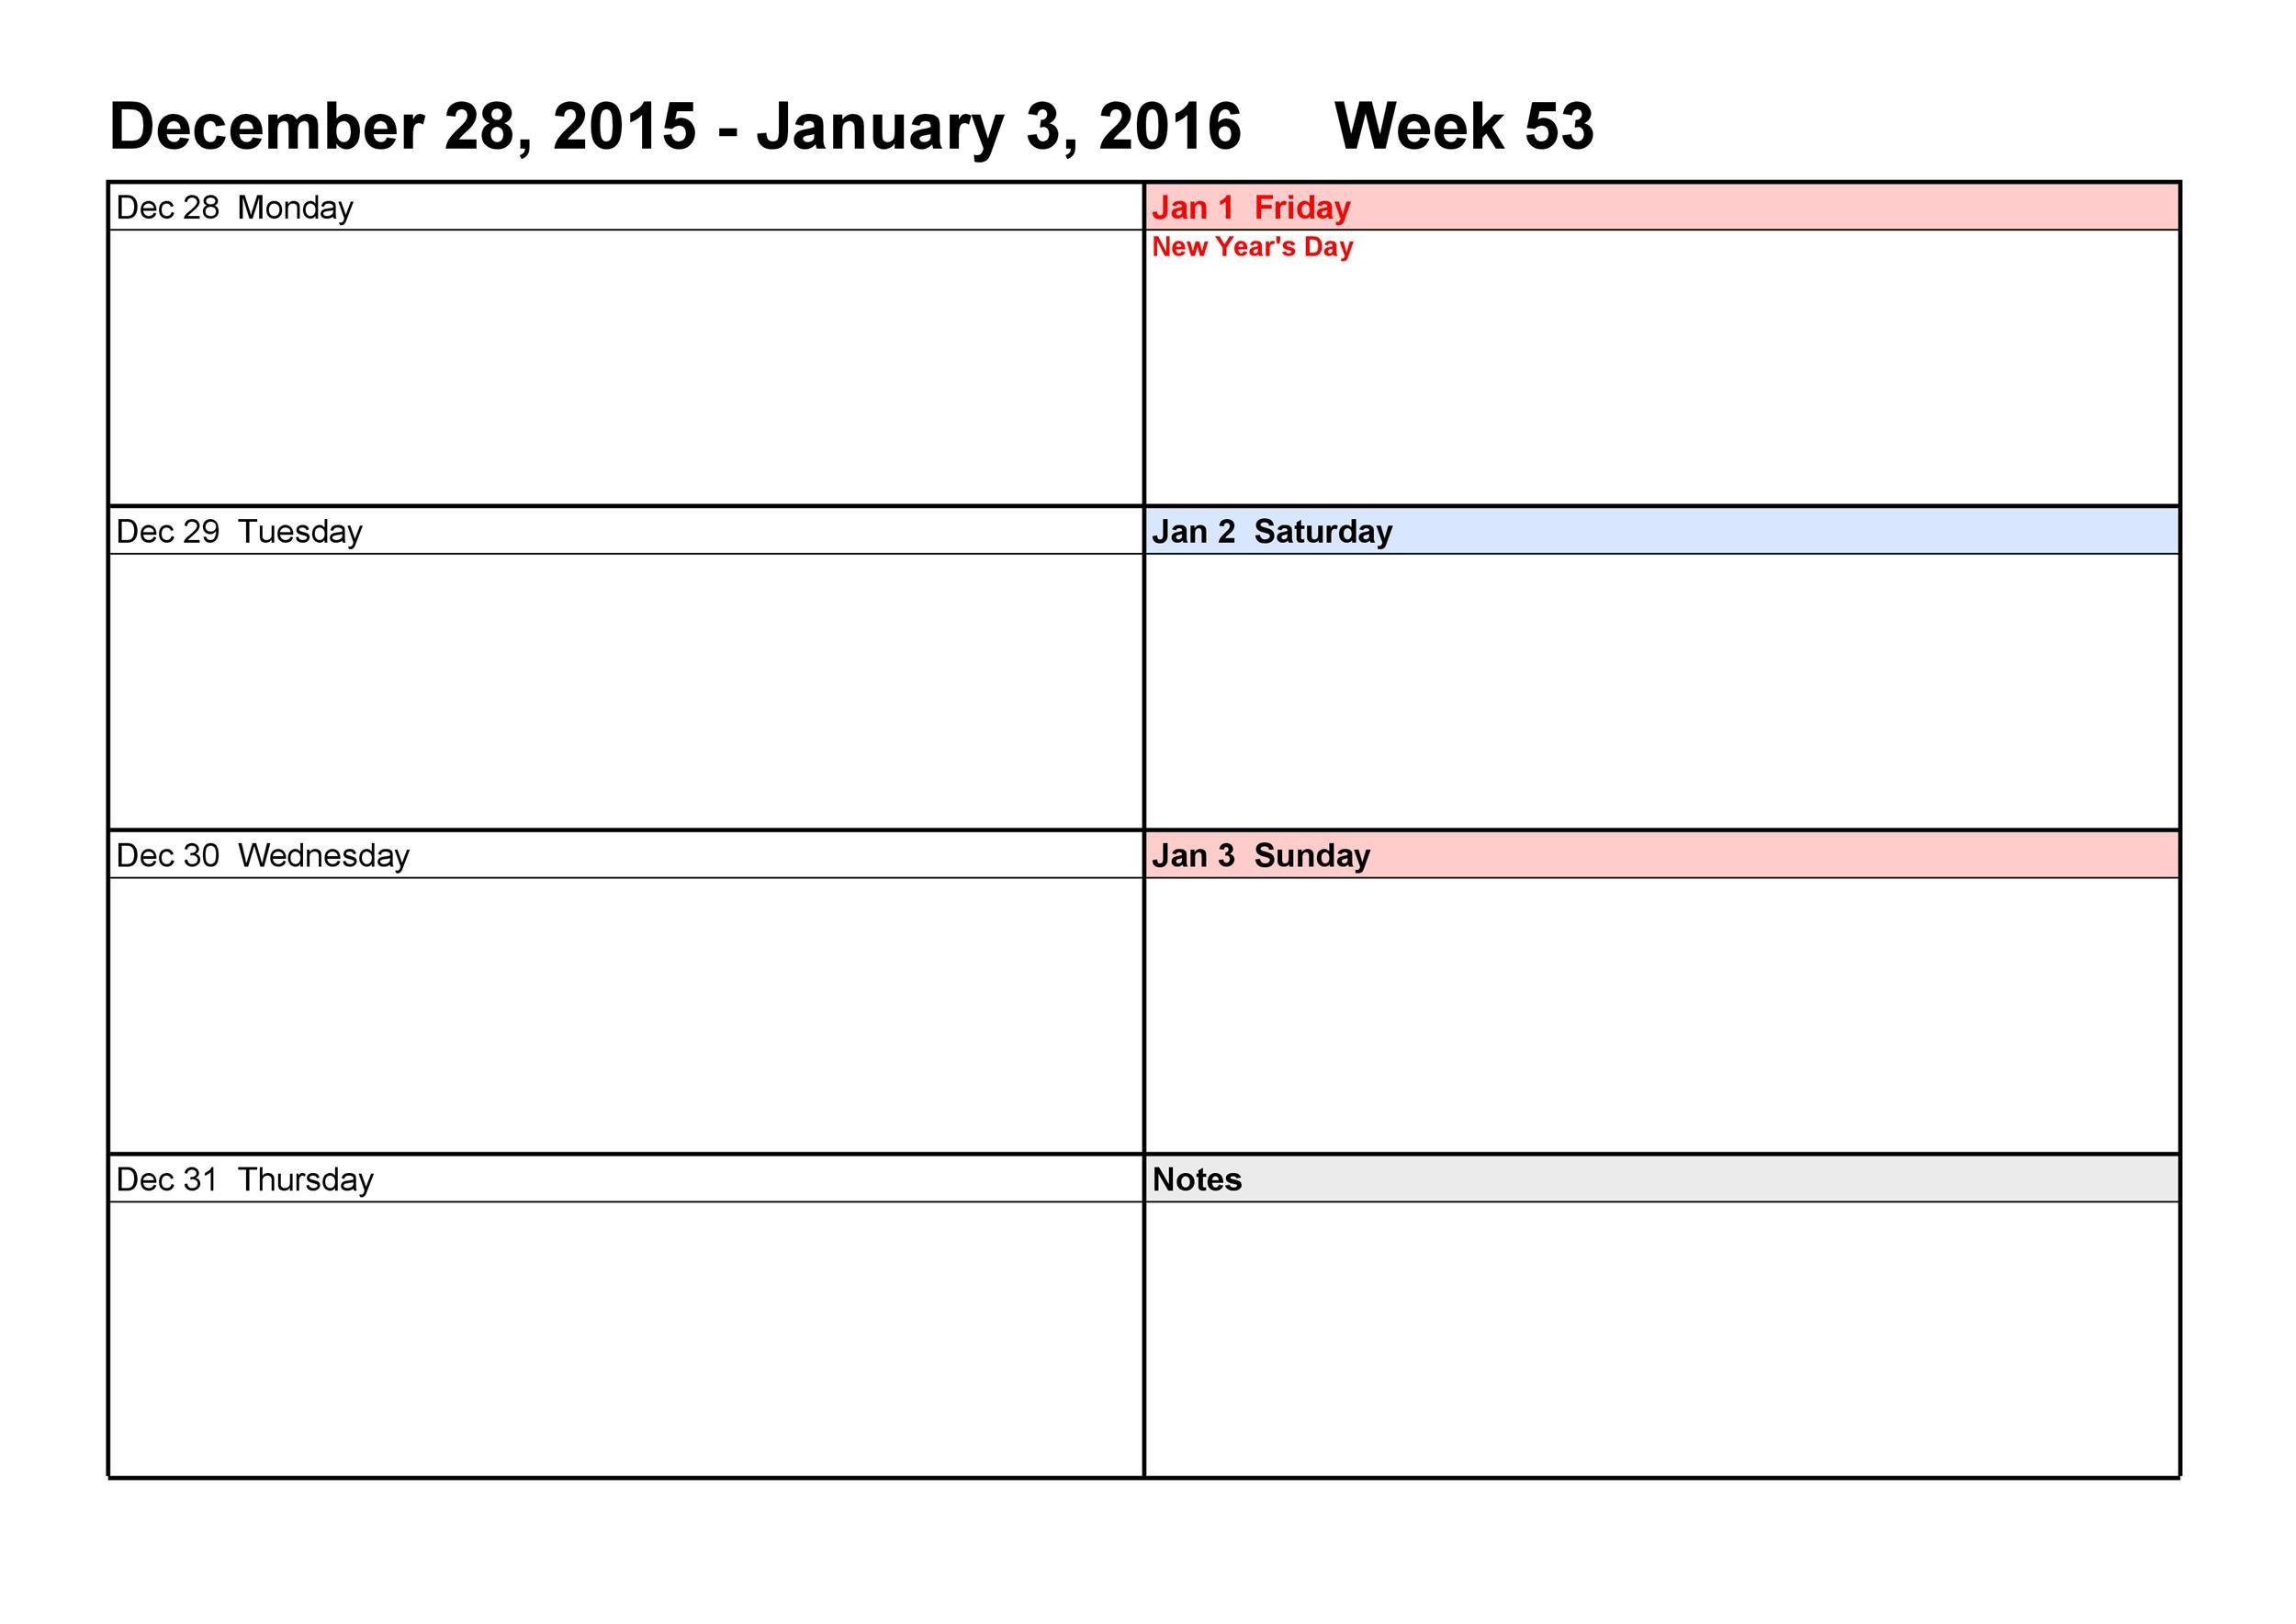 26 Blank Weekly Calendar Templates PDF, Excel, Word - Template Lab - weekly printable calendars